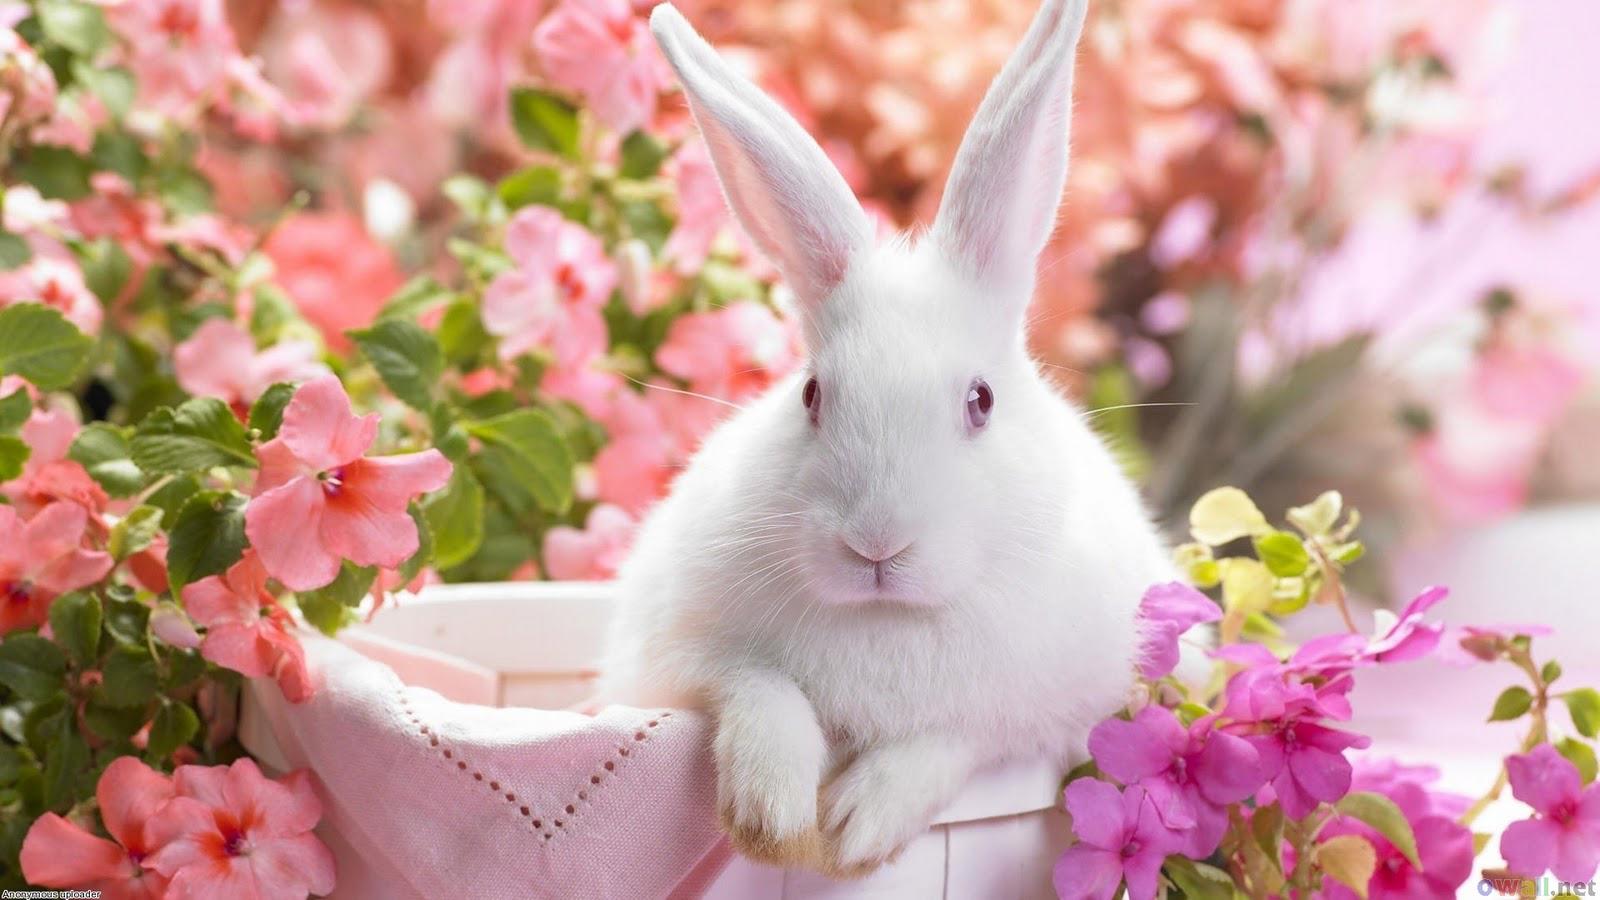 gambar anakan kelinci umur 3 hari gambar 3 kelinci